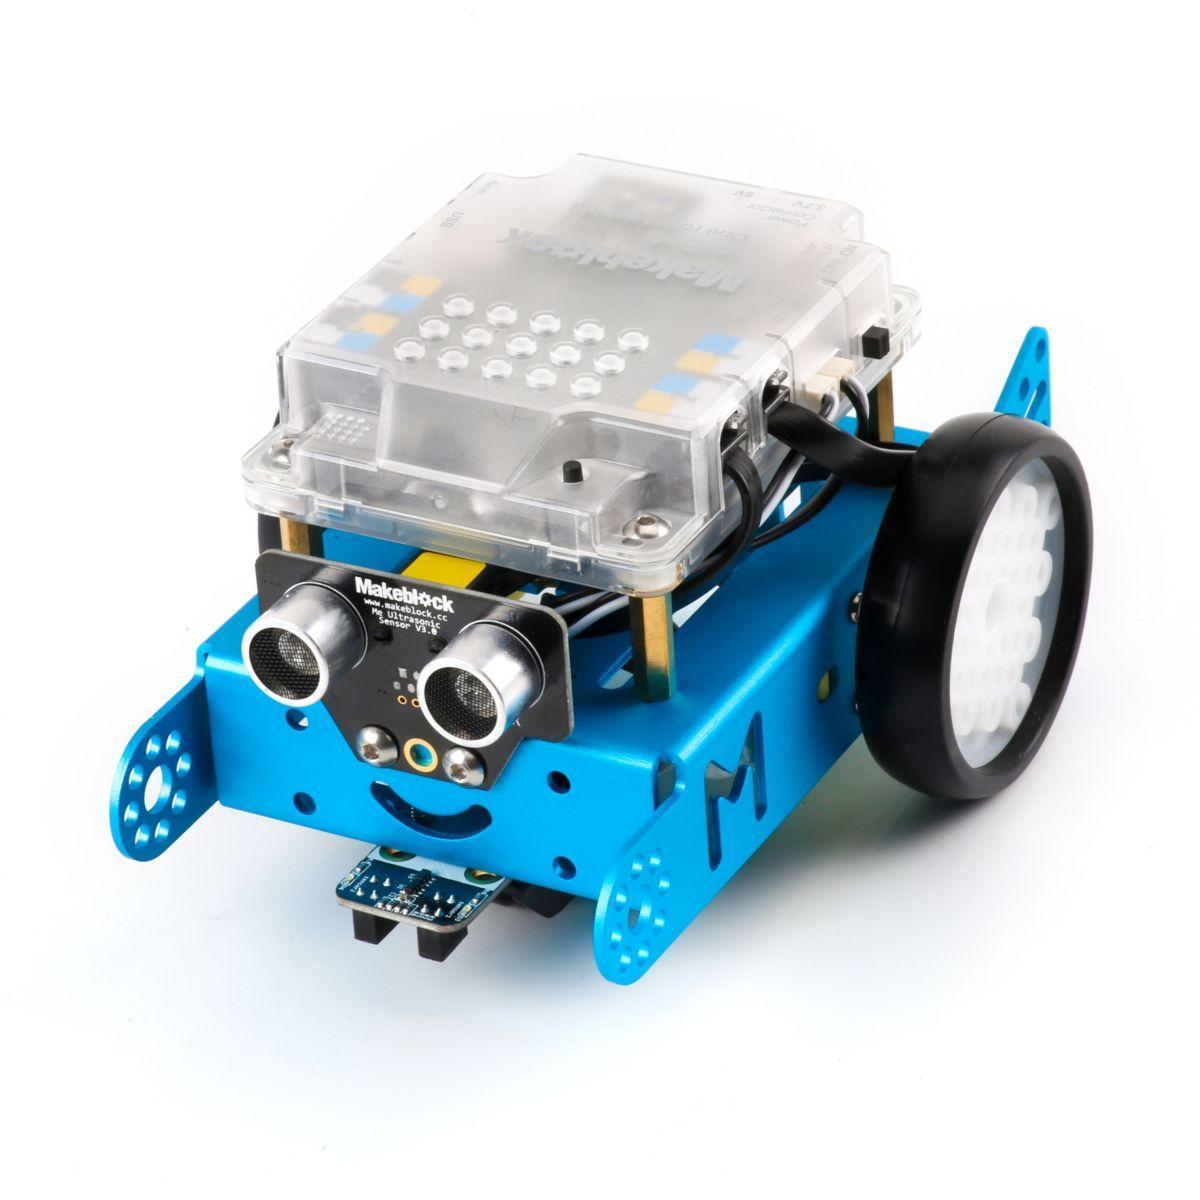 Jeu makeblock robot mbot - 10% de remise immédiate avec le code : cool10 (photo)